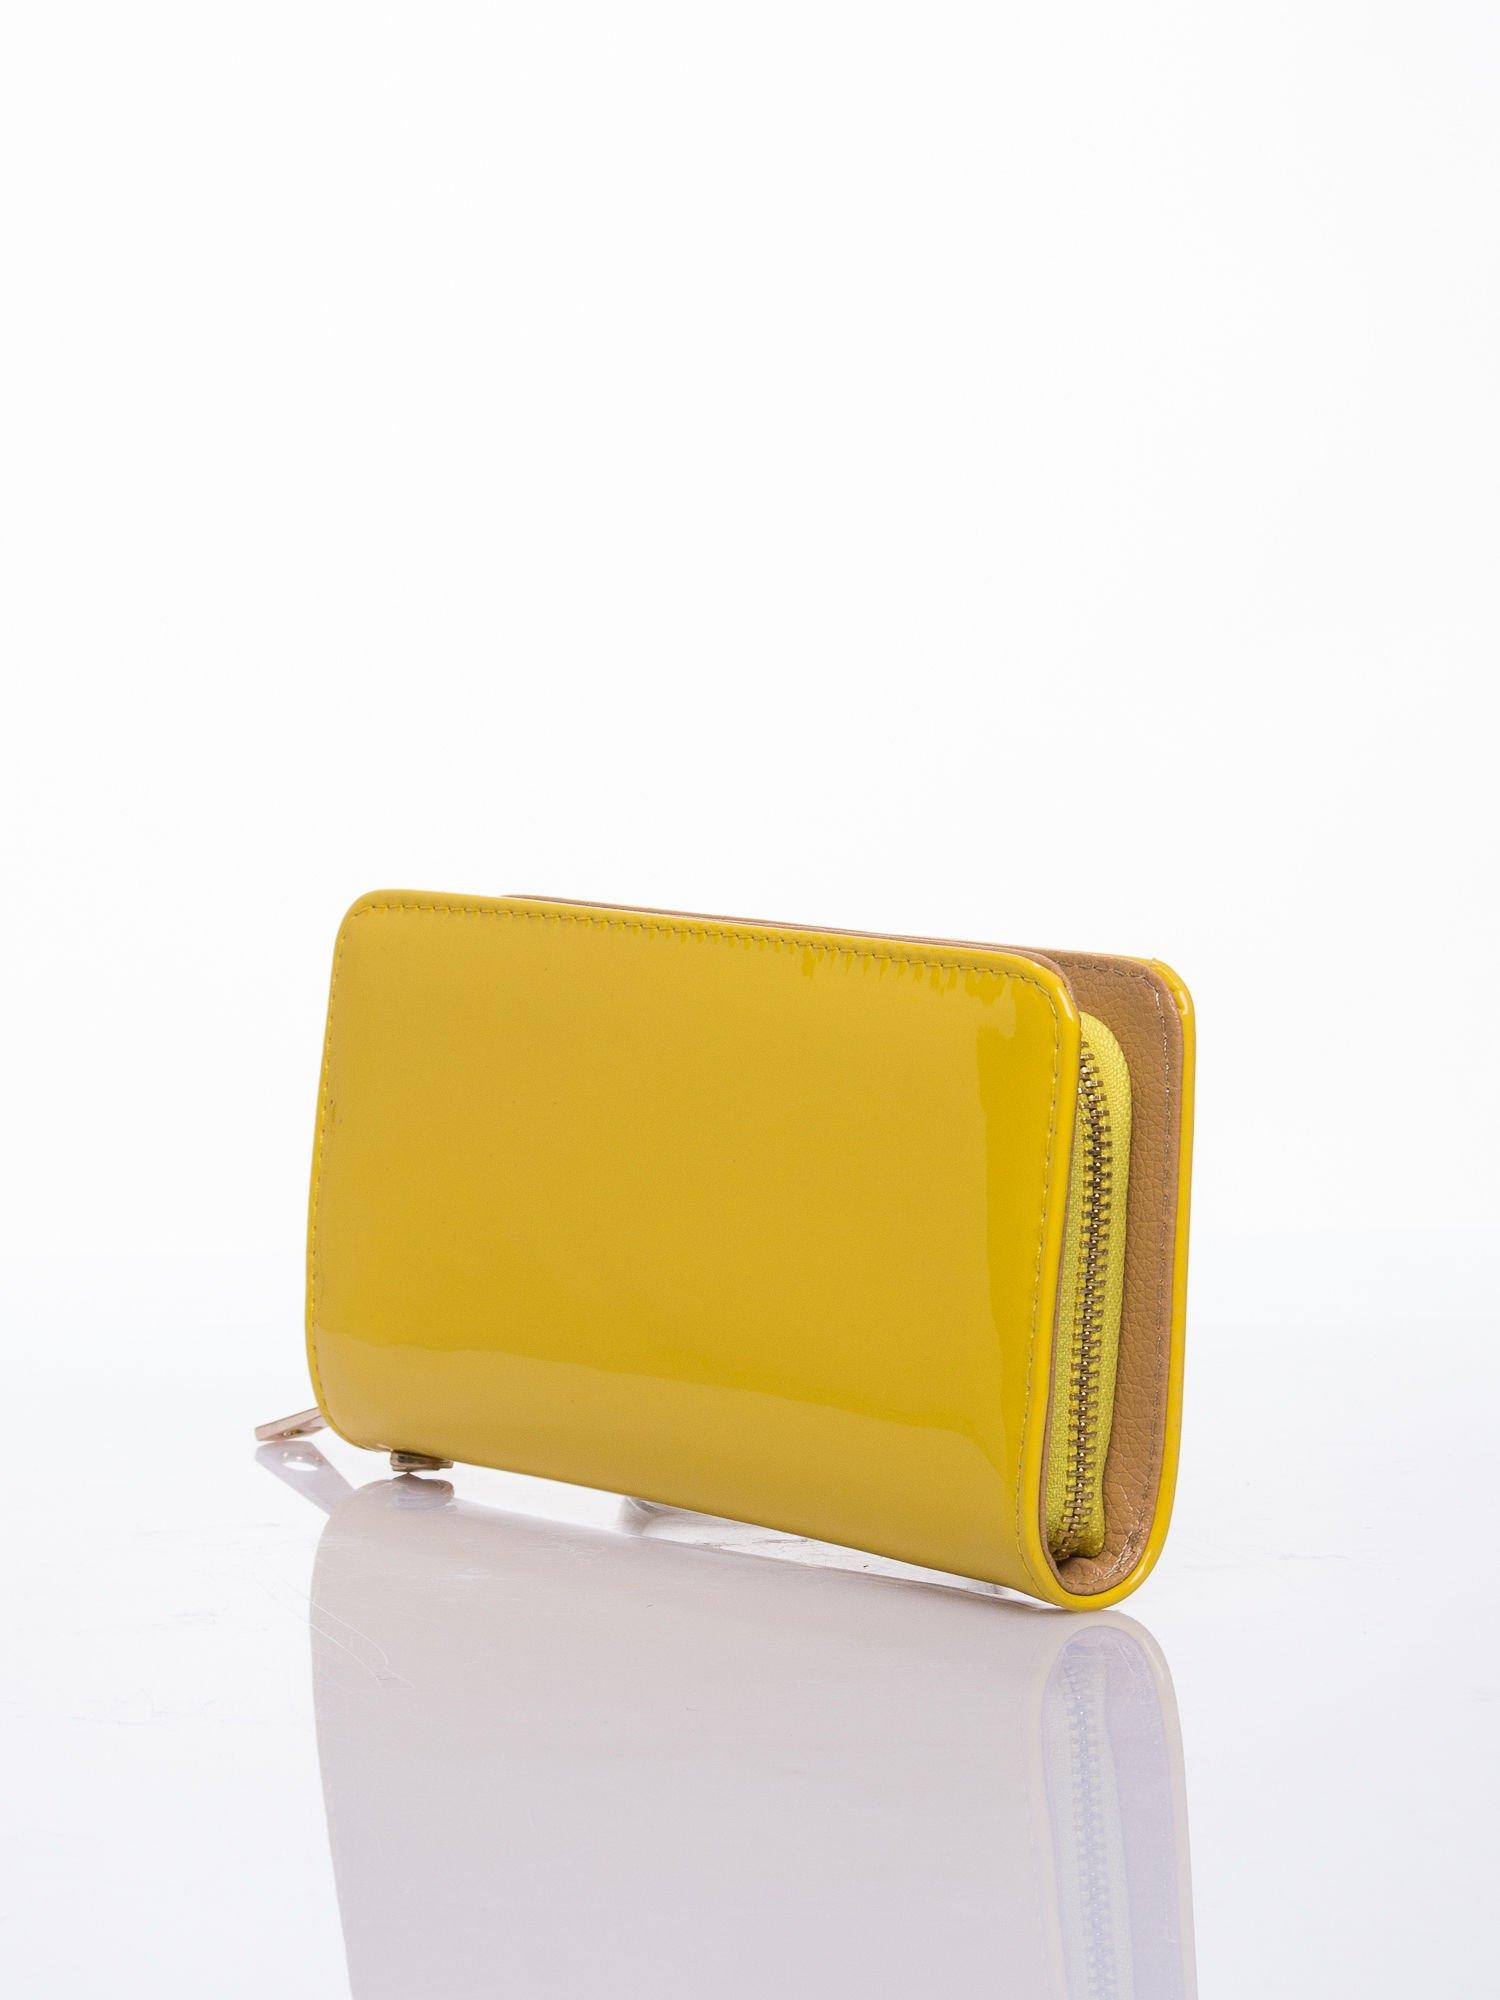 Żółty lakierowany portfel z odpinanym złotym łańcuszkiem                                  zdj.                                  2